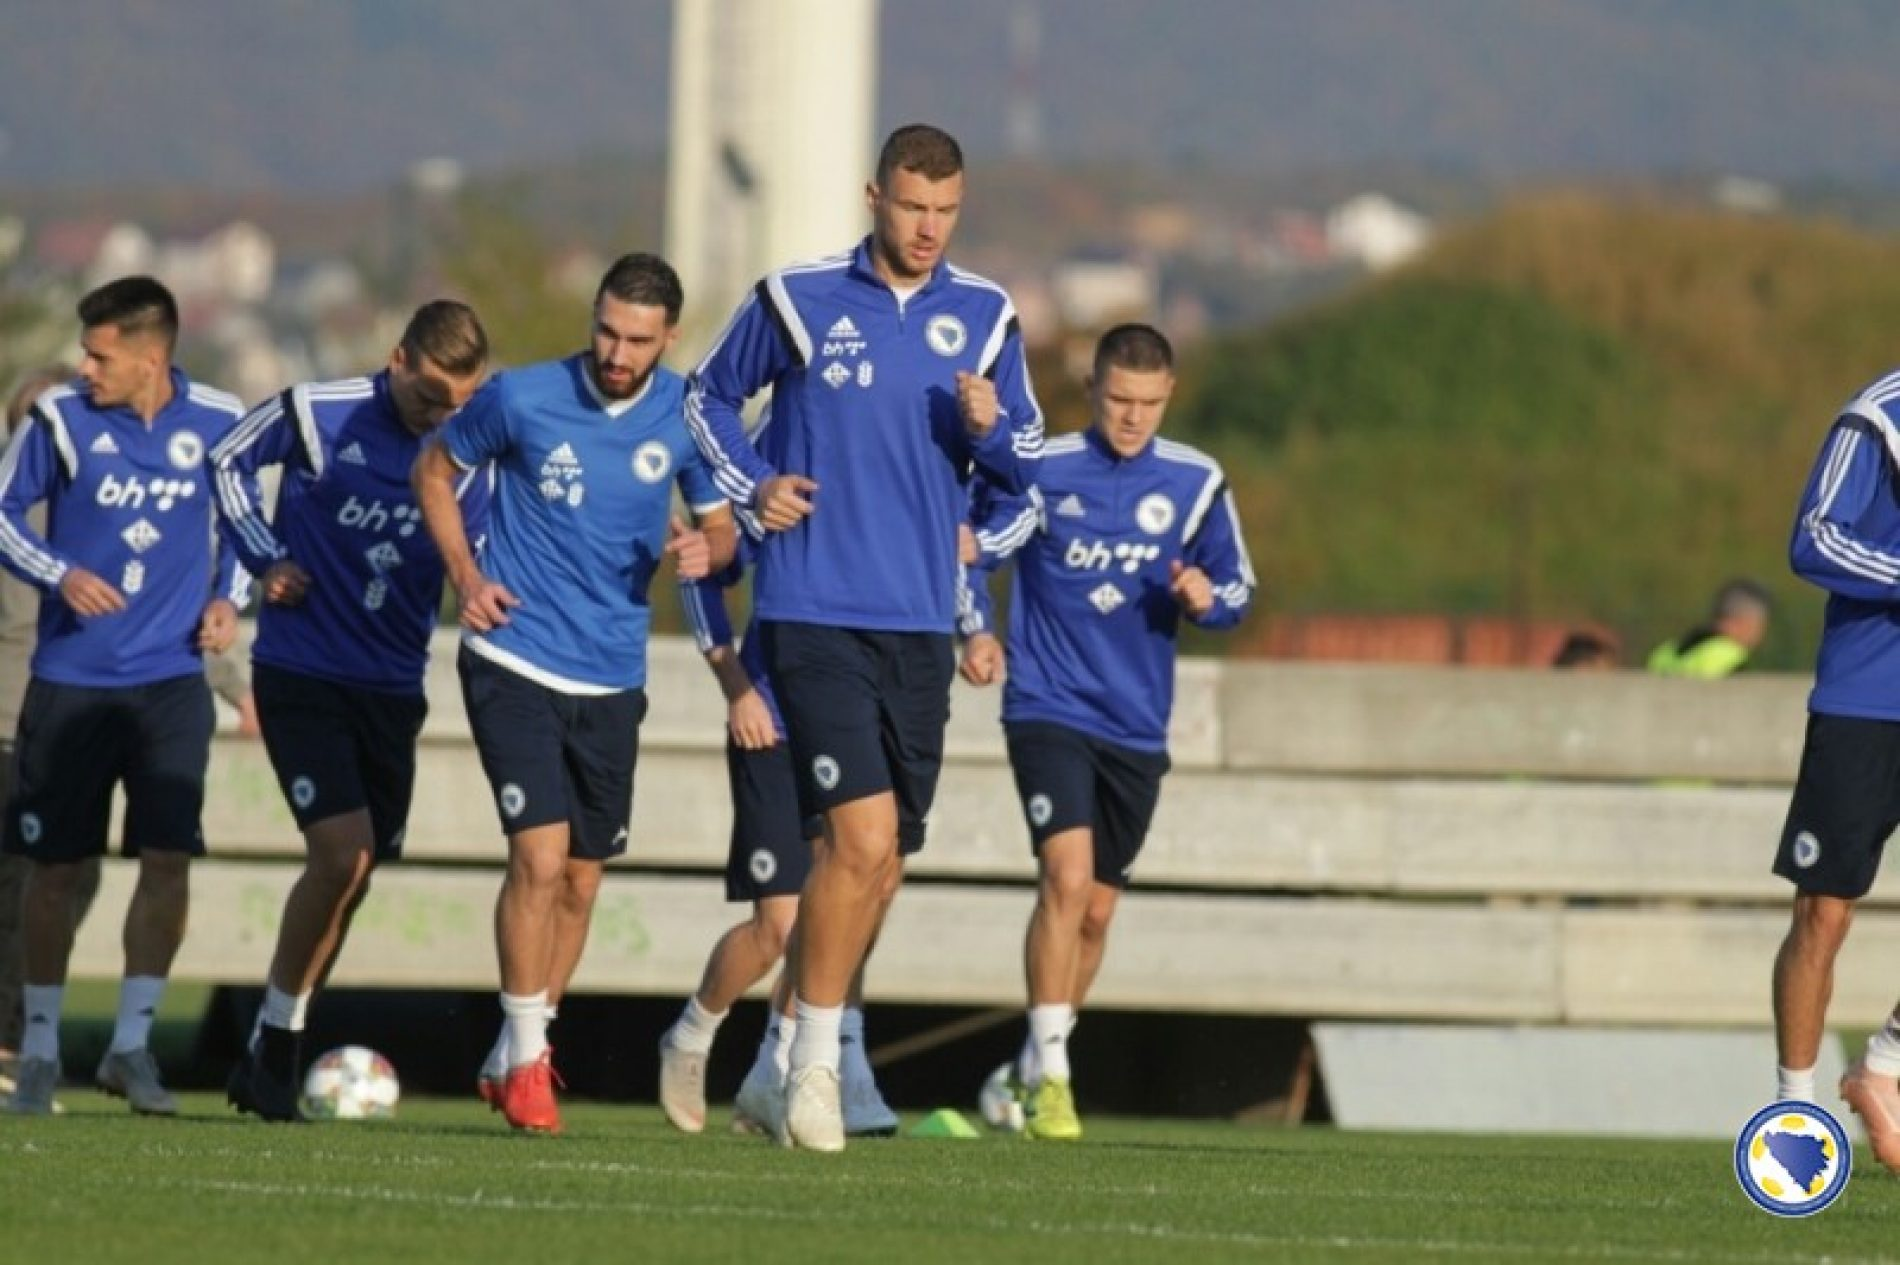 Zmajevi otputovali, sutra igraju prijateljsku utakmicu sa Turskom